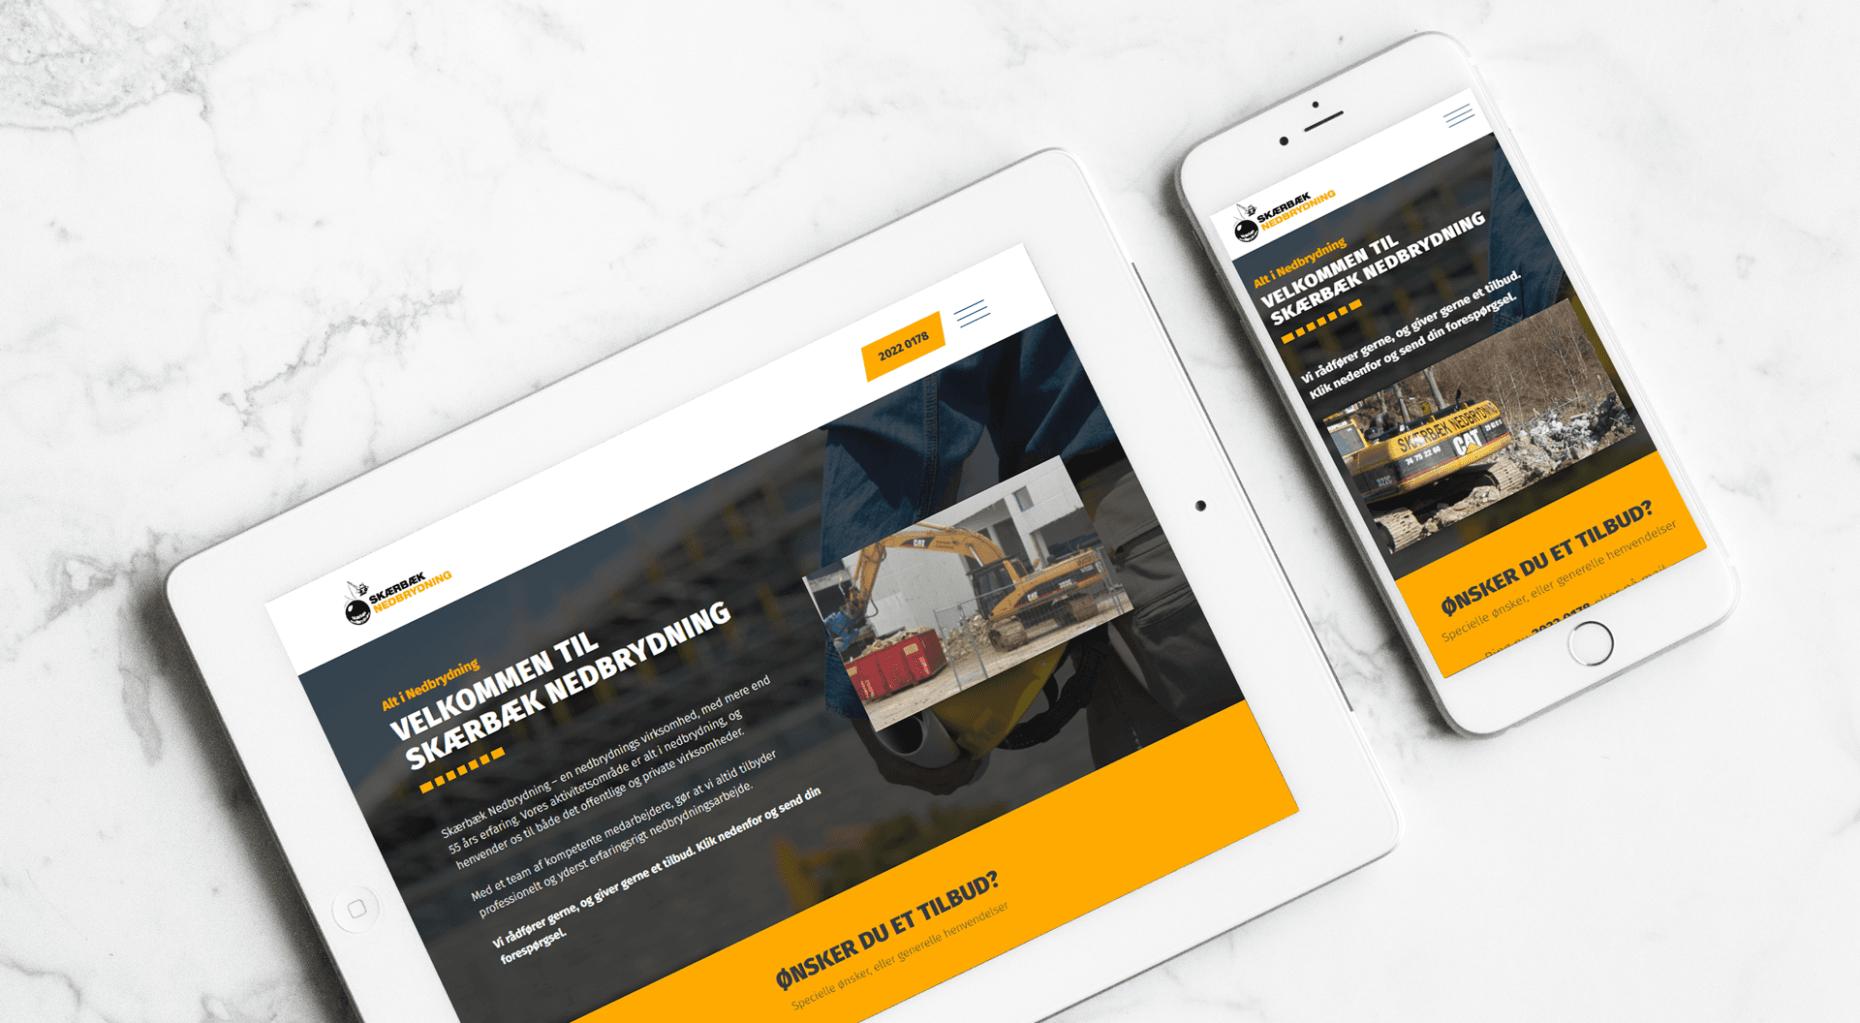 lennartc webdesign - skærbæk nedbrydning case